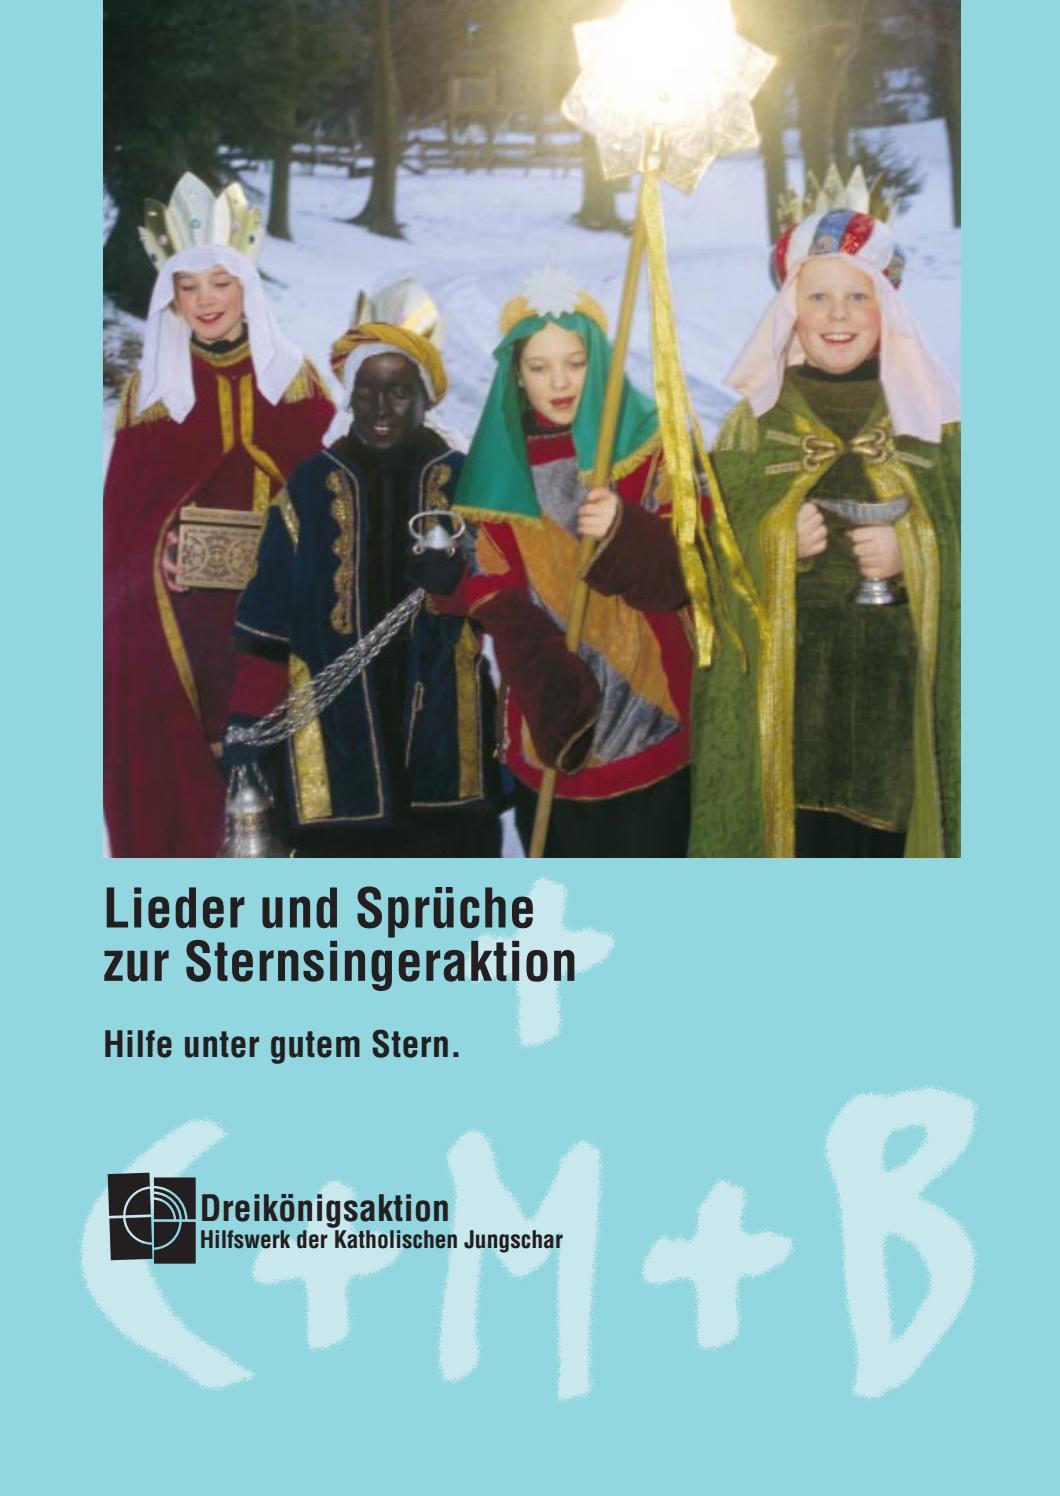 Lieder Und Sprüche Zur Sternsingeraktion 1 By Silvia Kreczy